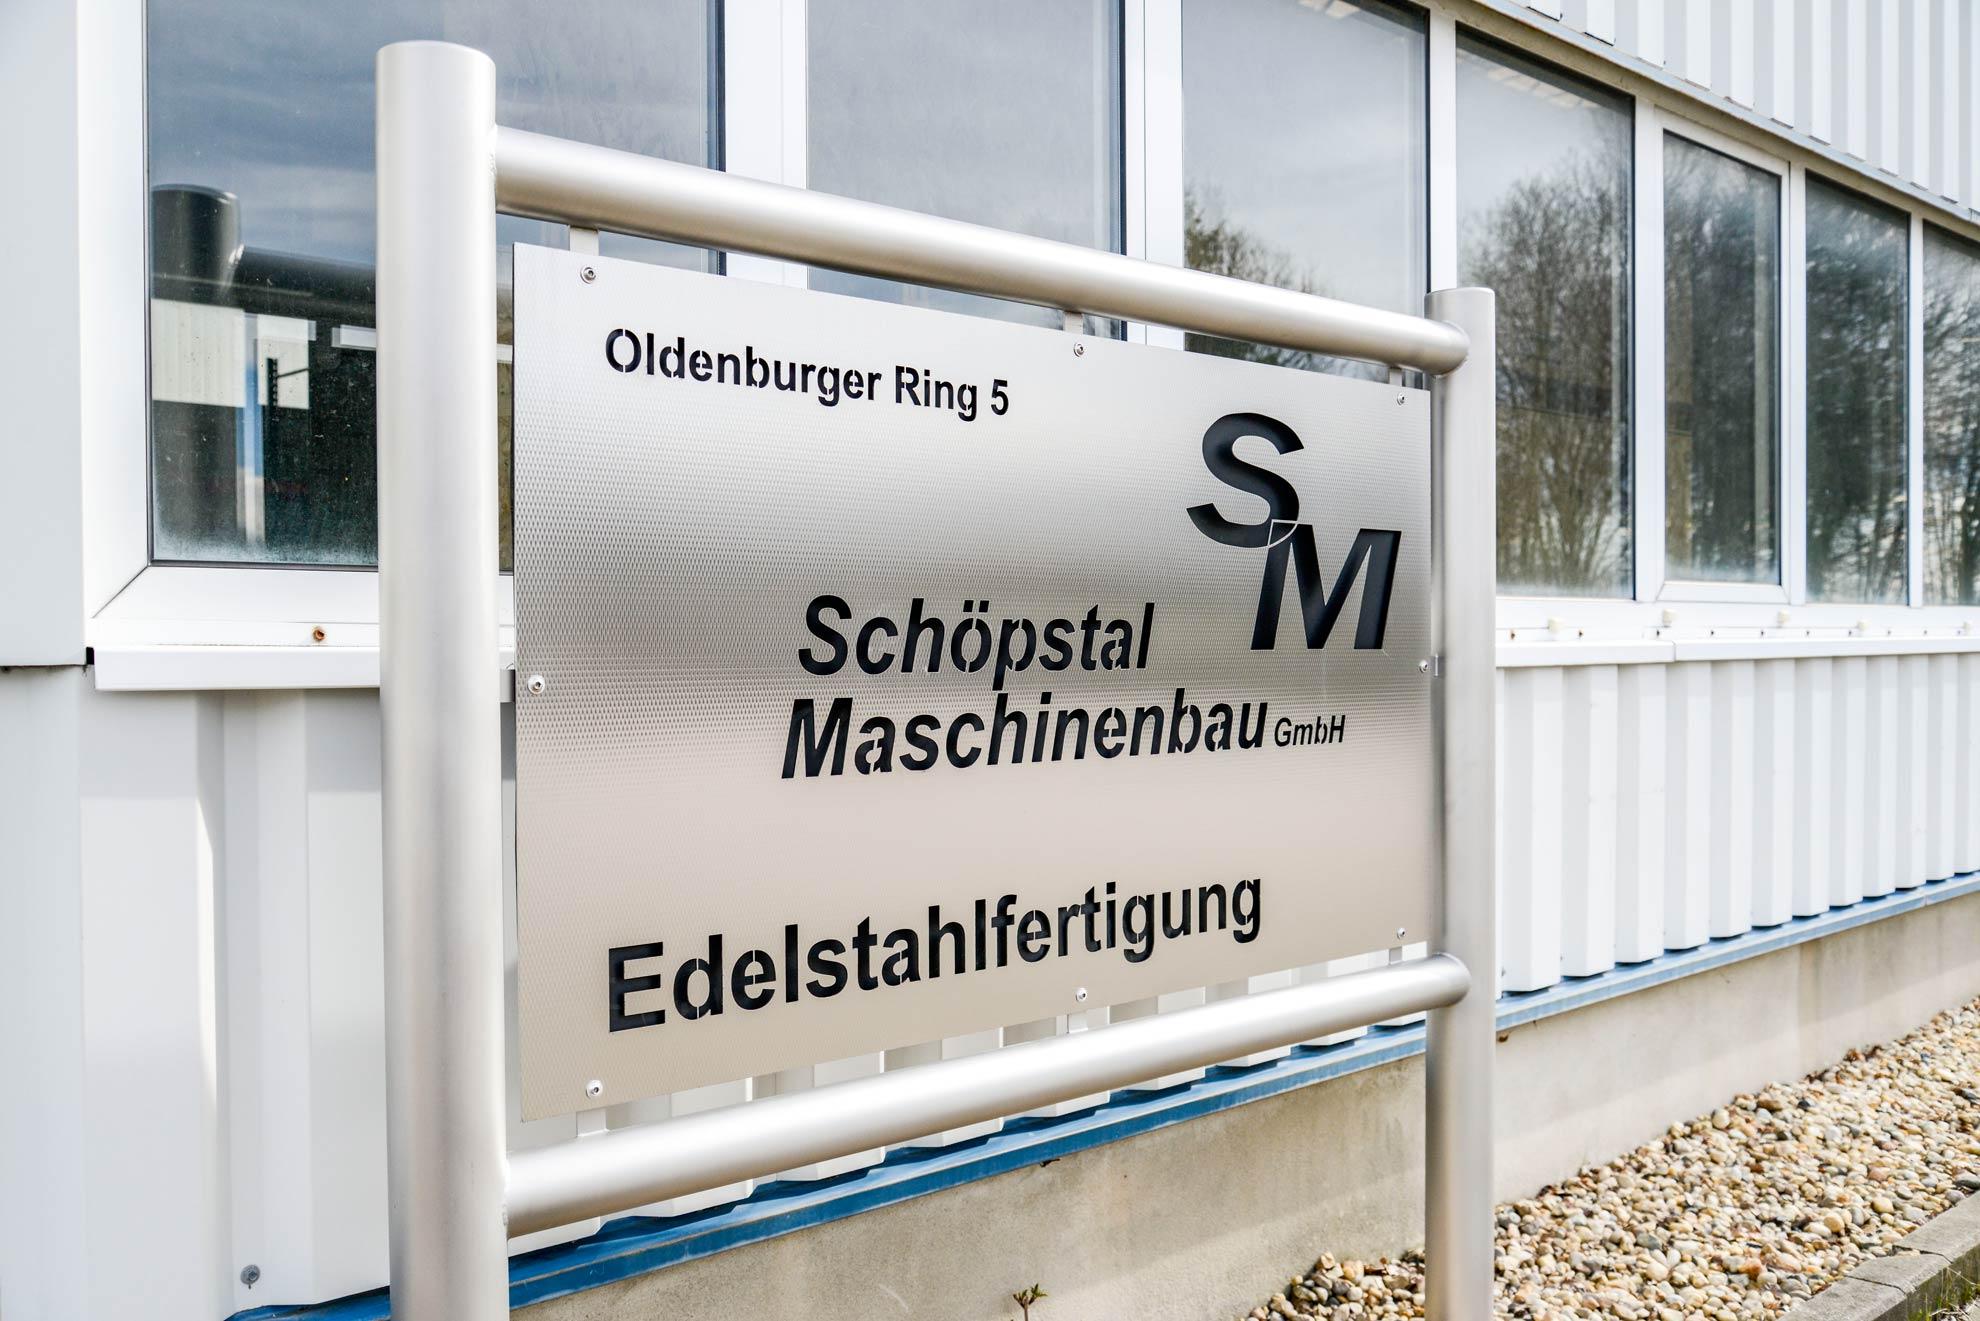 Separater Produktionsstandort Edelstahlverarbeitung